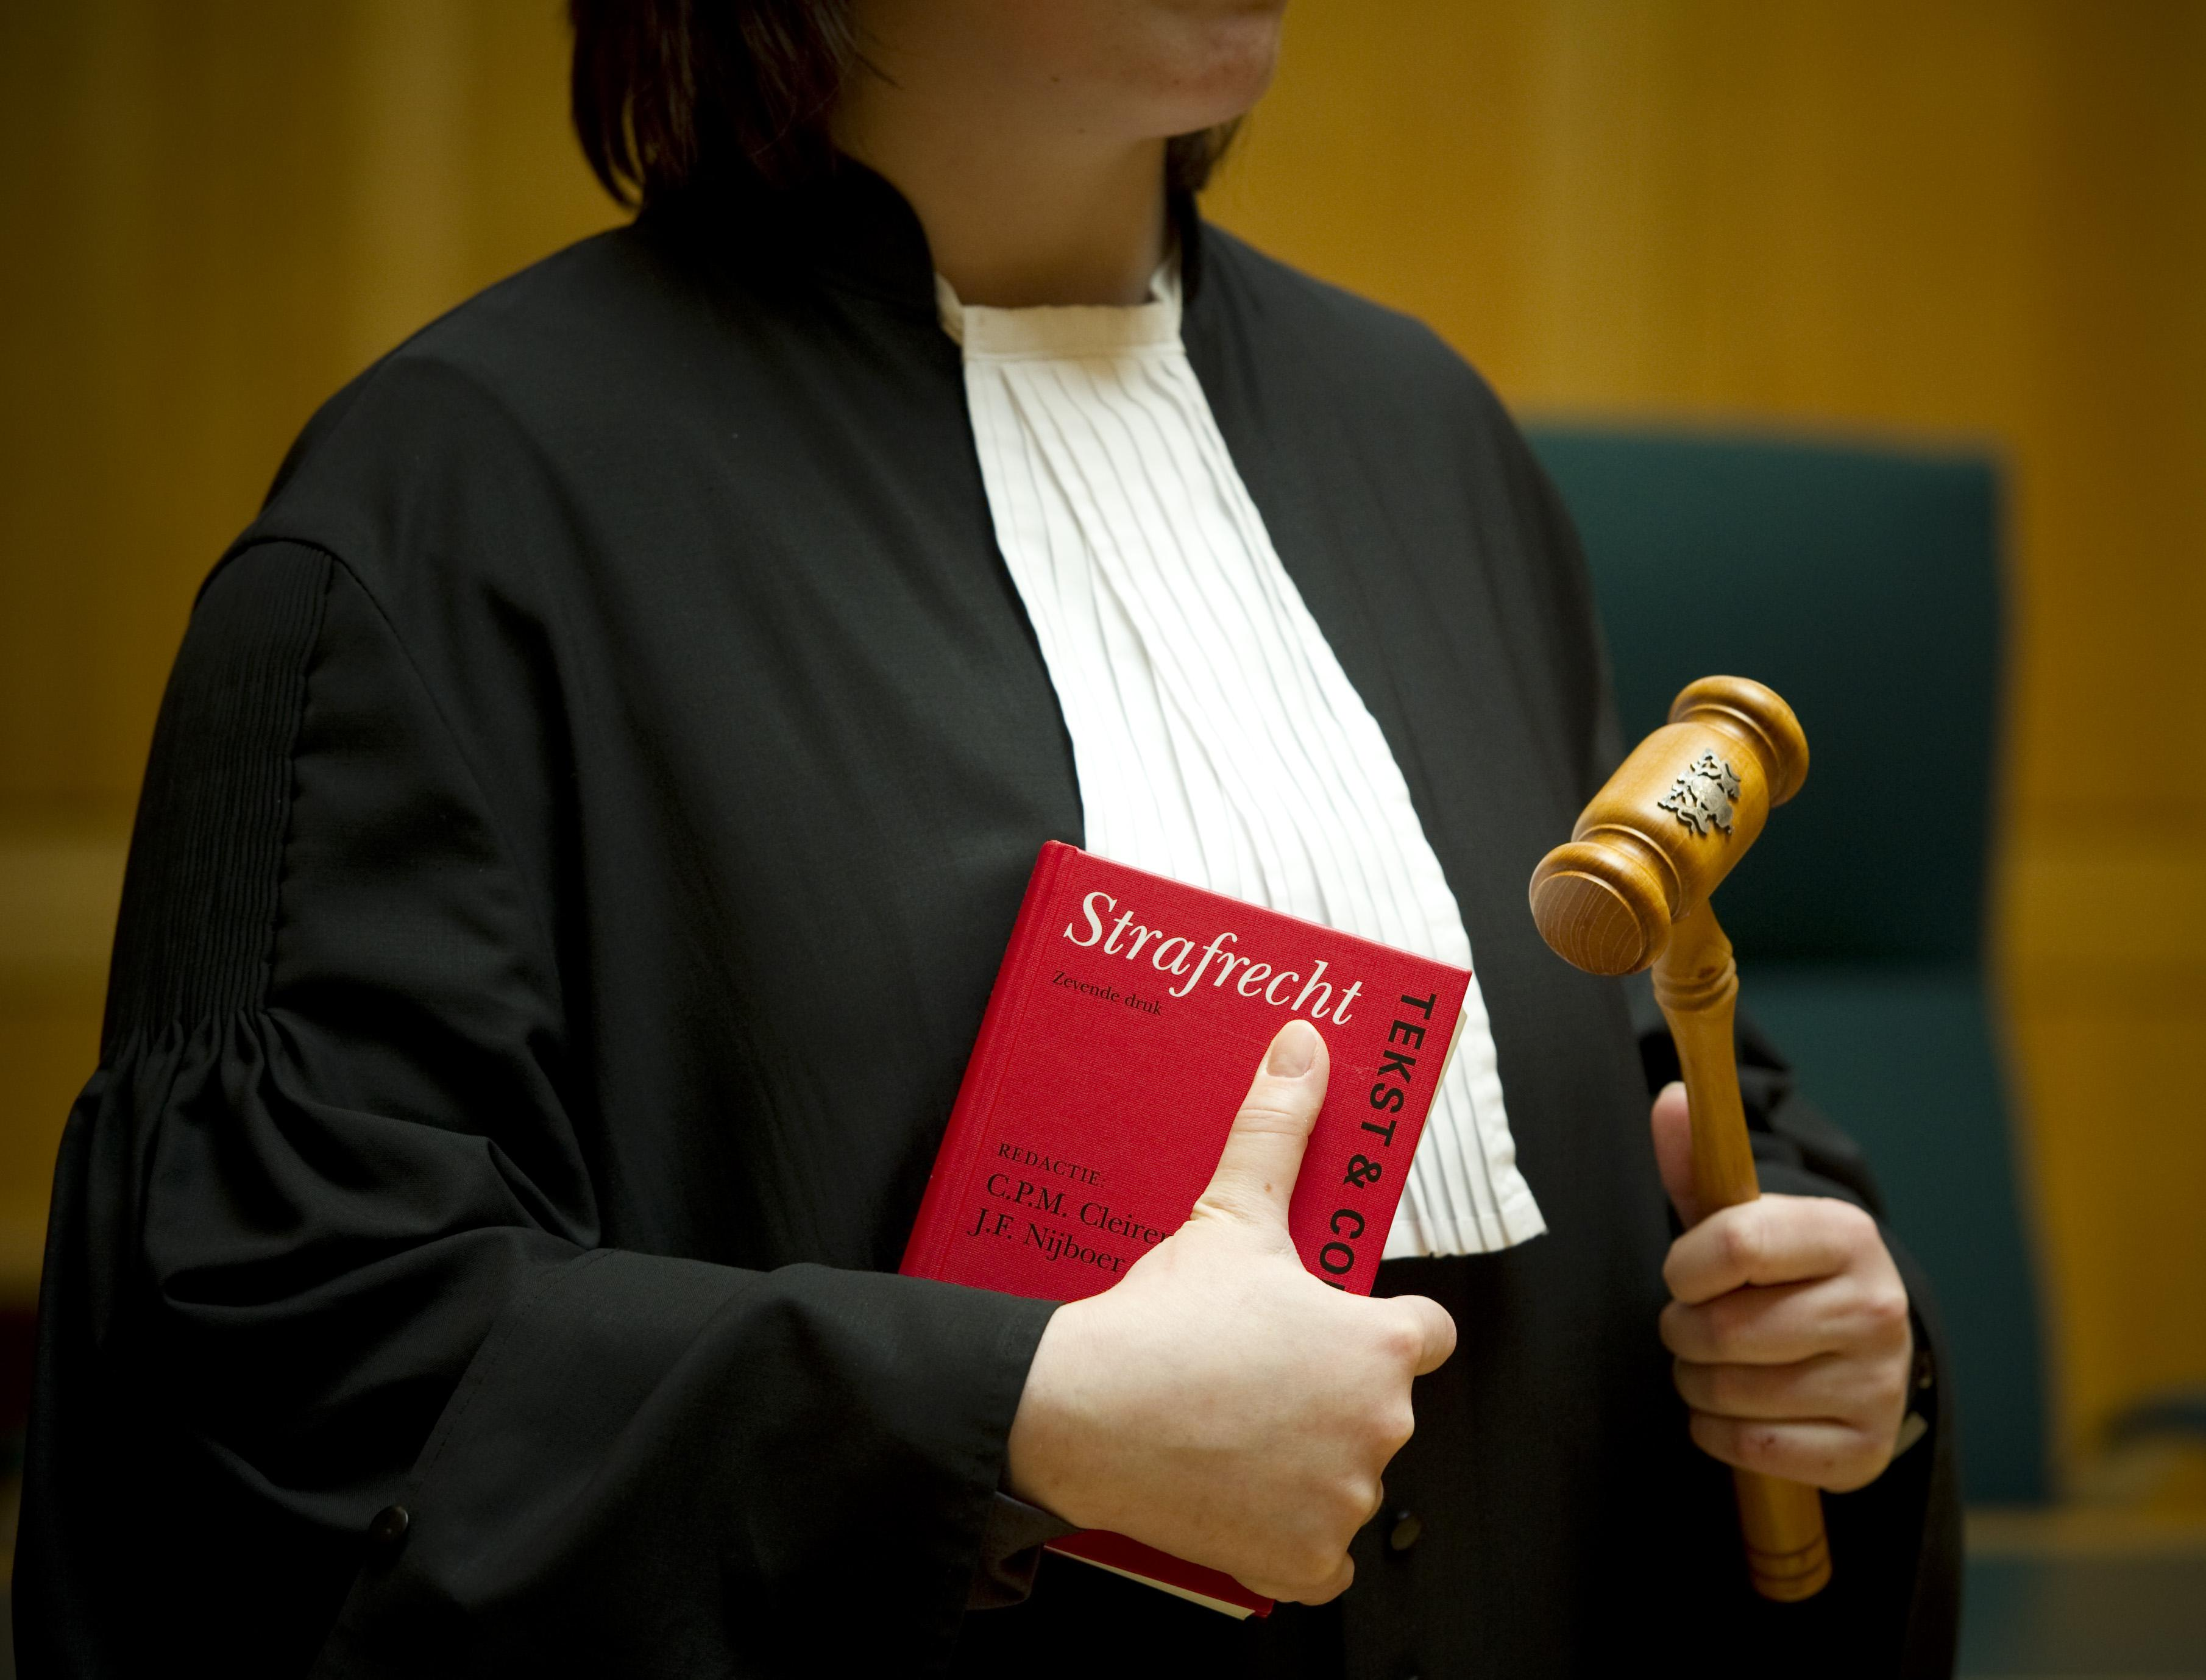 Geen bedreiging liefdesrivaal, maar wel veroordeling voor wapenbezit